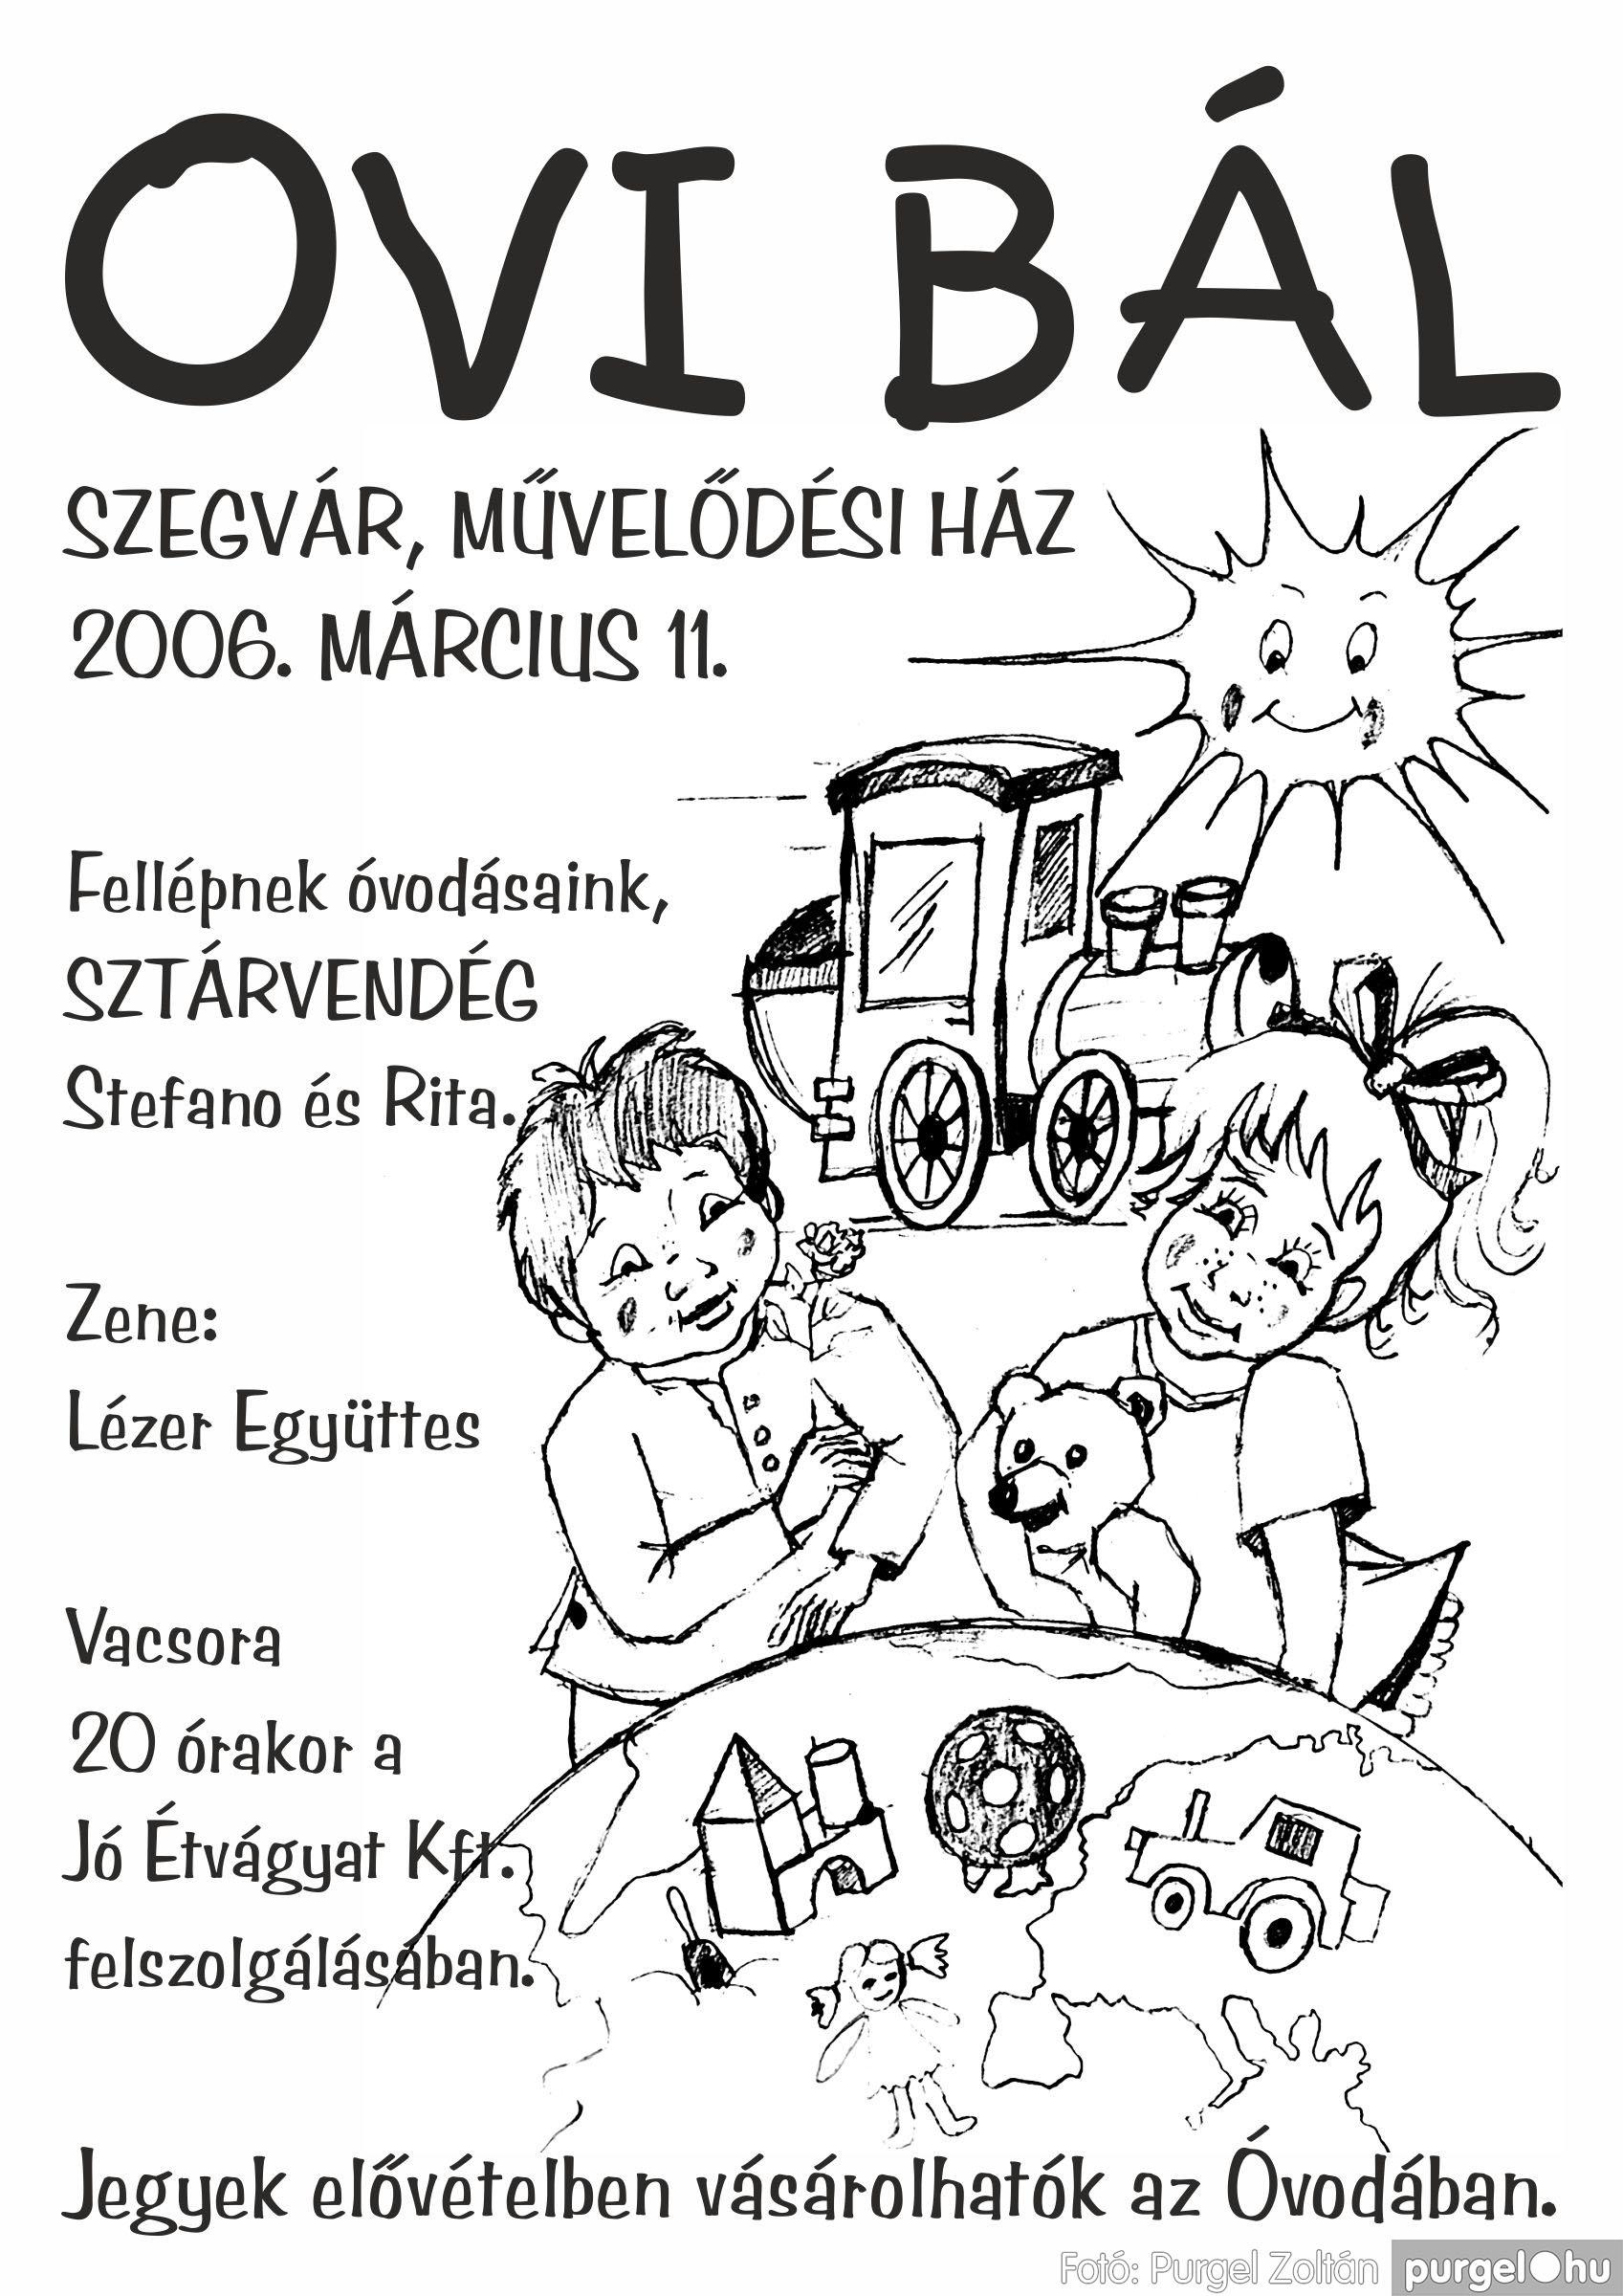 2006.03.11. Jótékonysági ovi bál 2006. - Készítette:PURGEL ZOLTÁN©.jpg